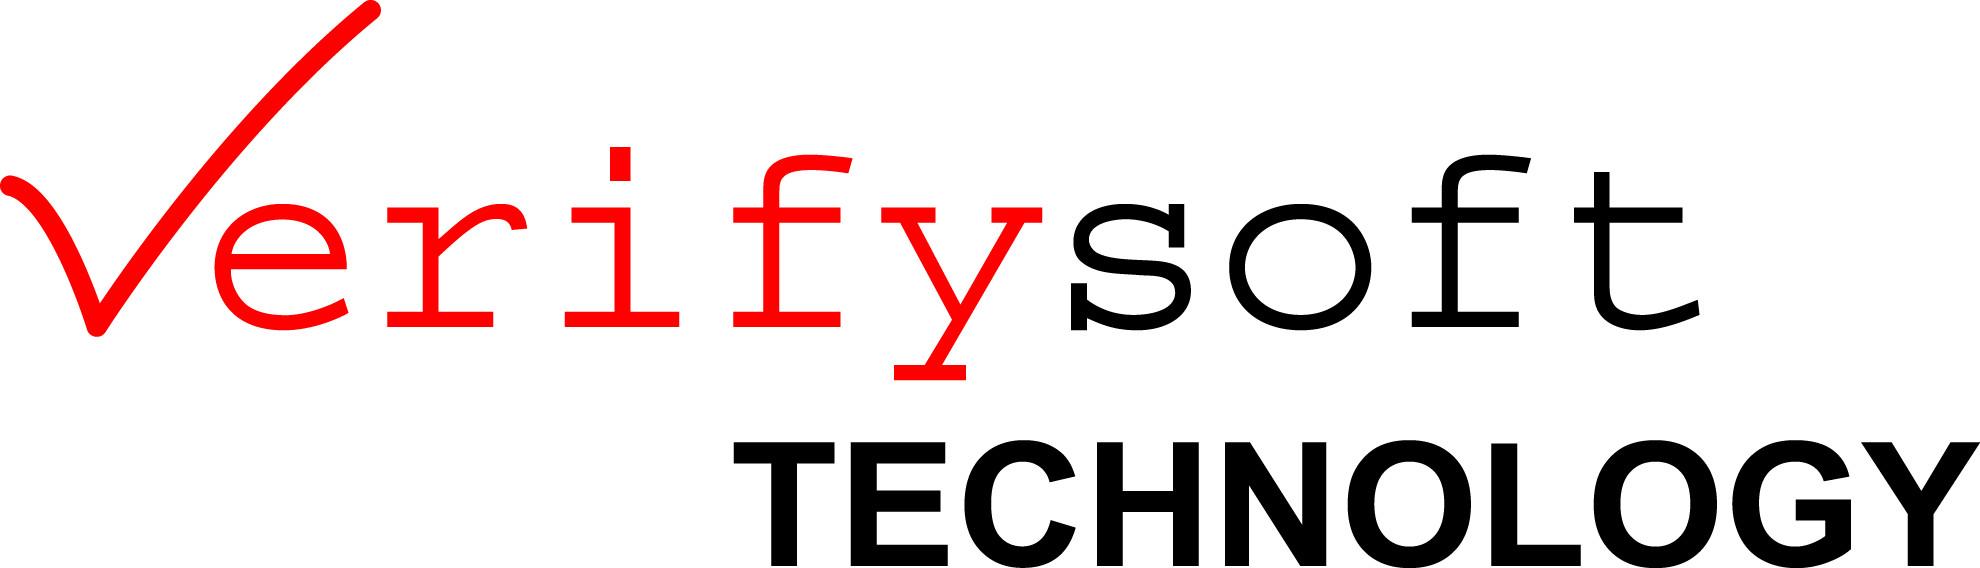 Verifysoft Technology von GrammaTech ausgezeichnet